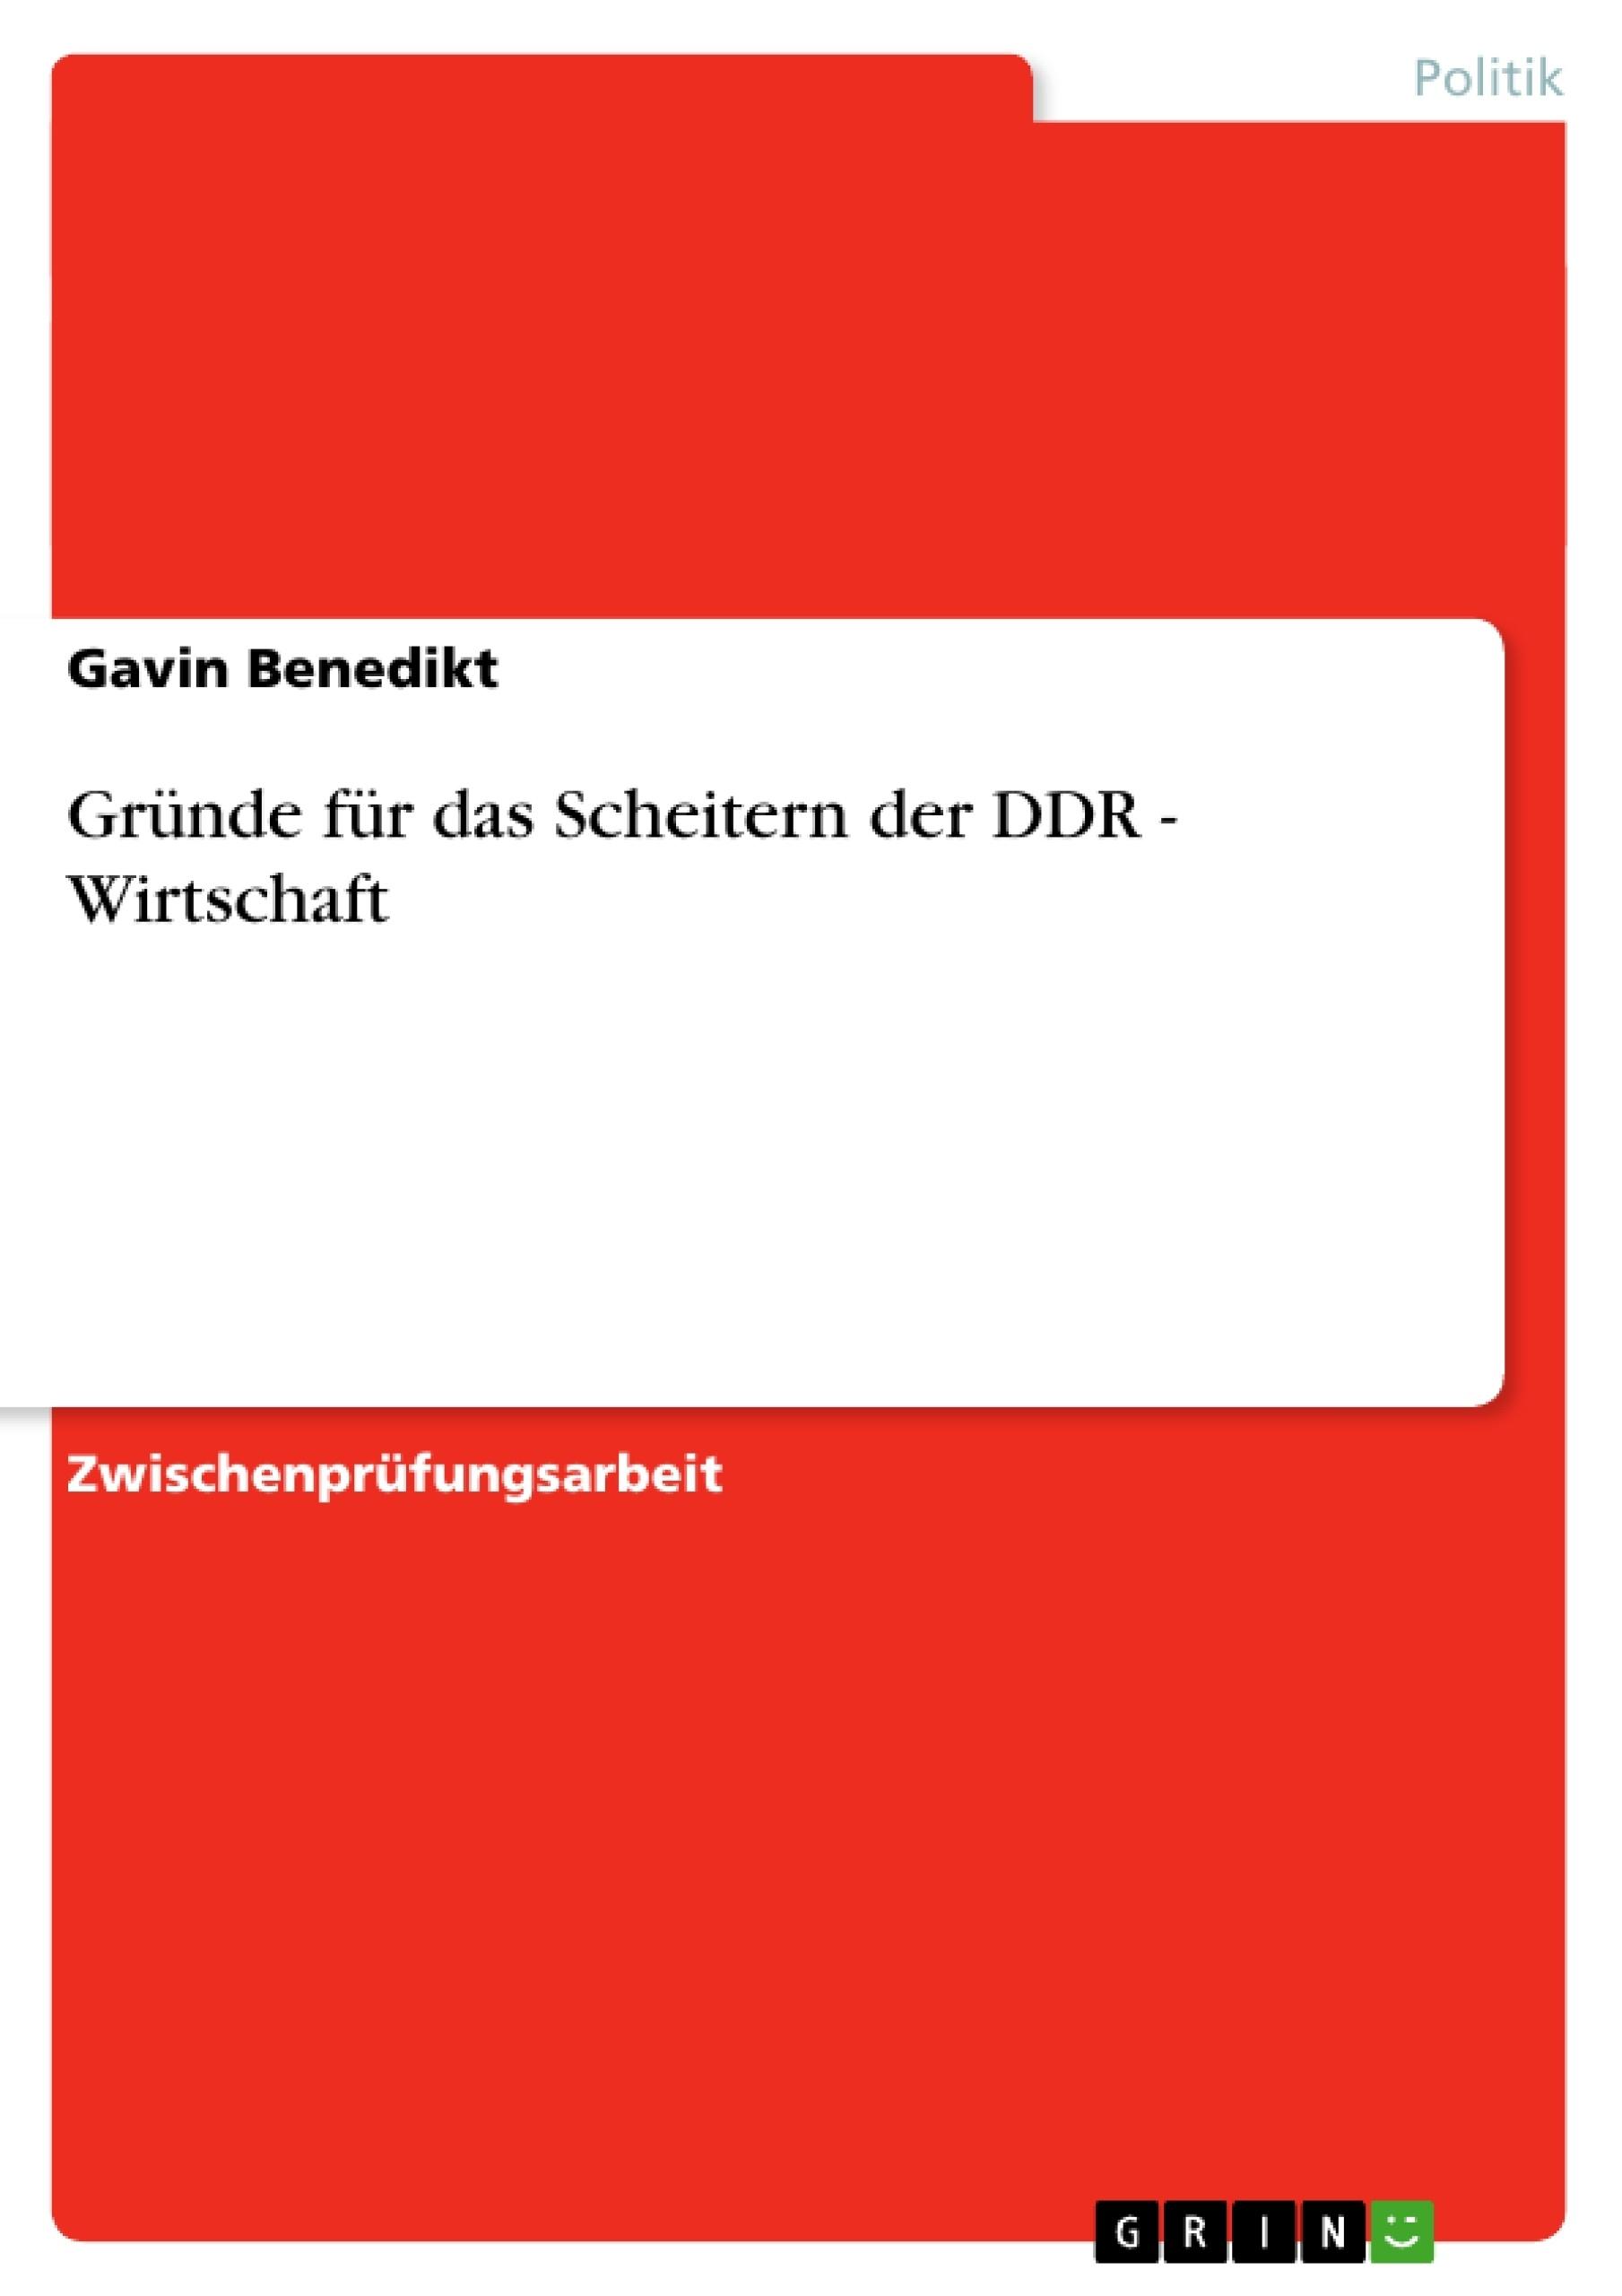 Titel: Gründe für das Scheitern der DDR - Wirtschaft